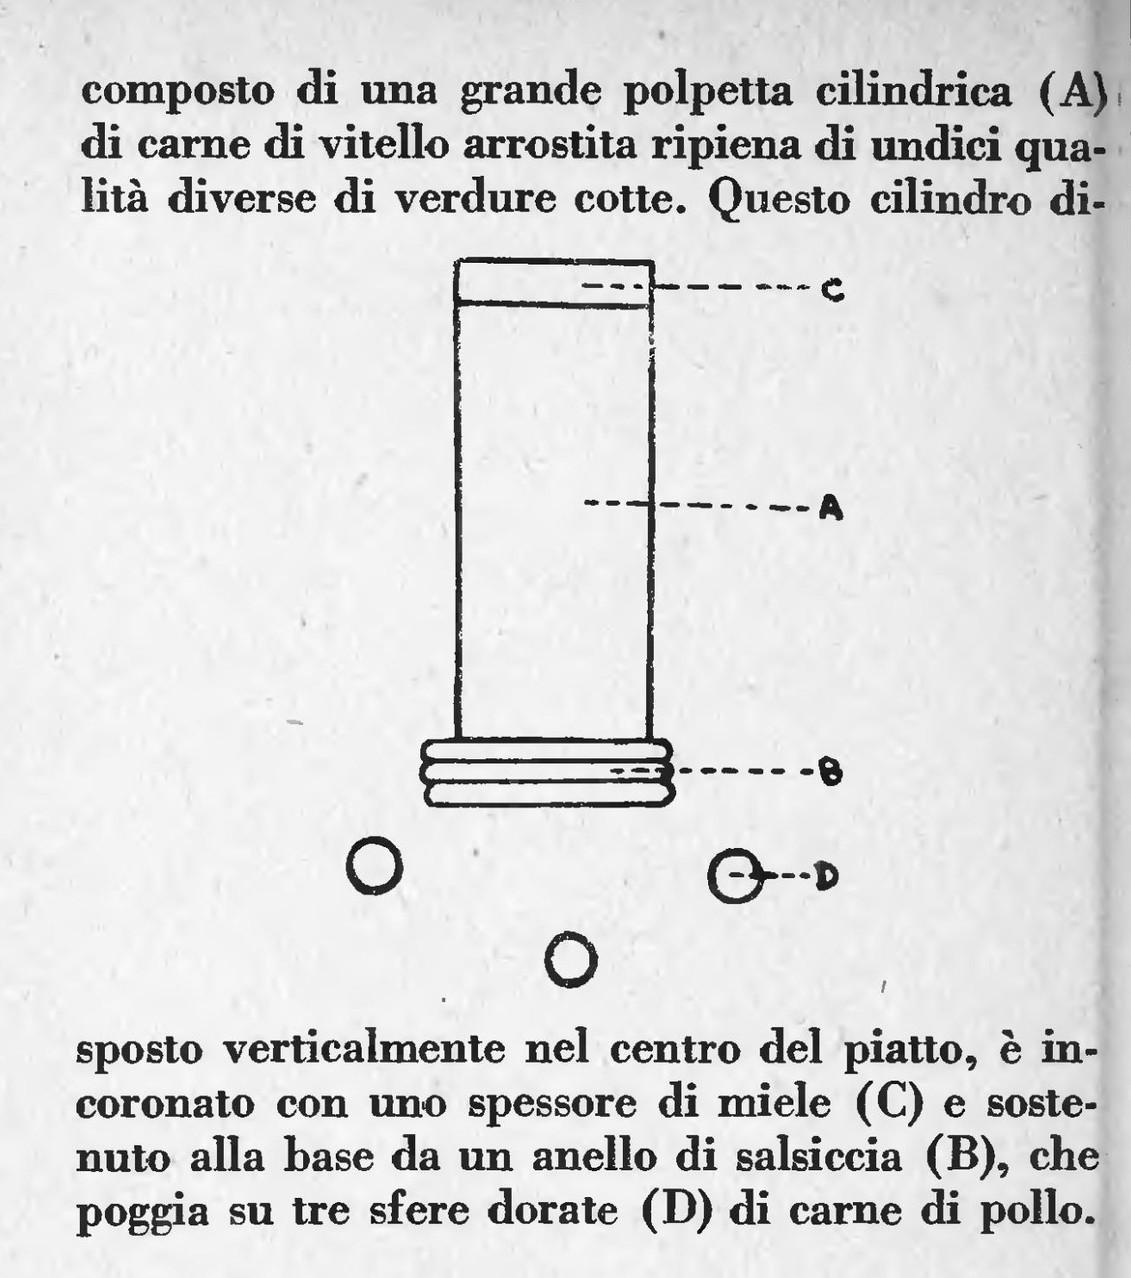 Carneplastico diagrama 2